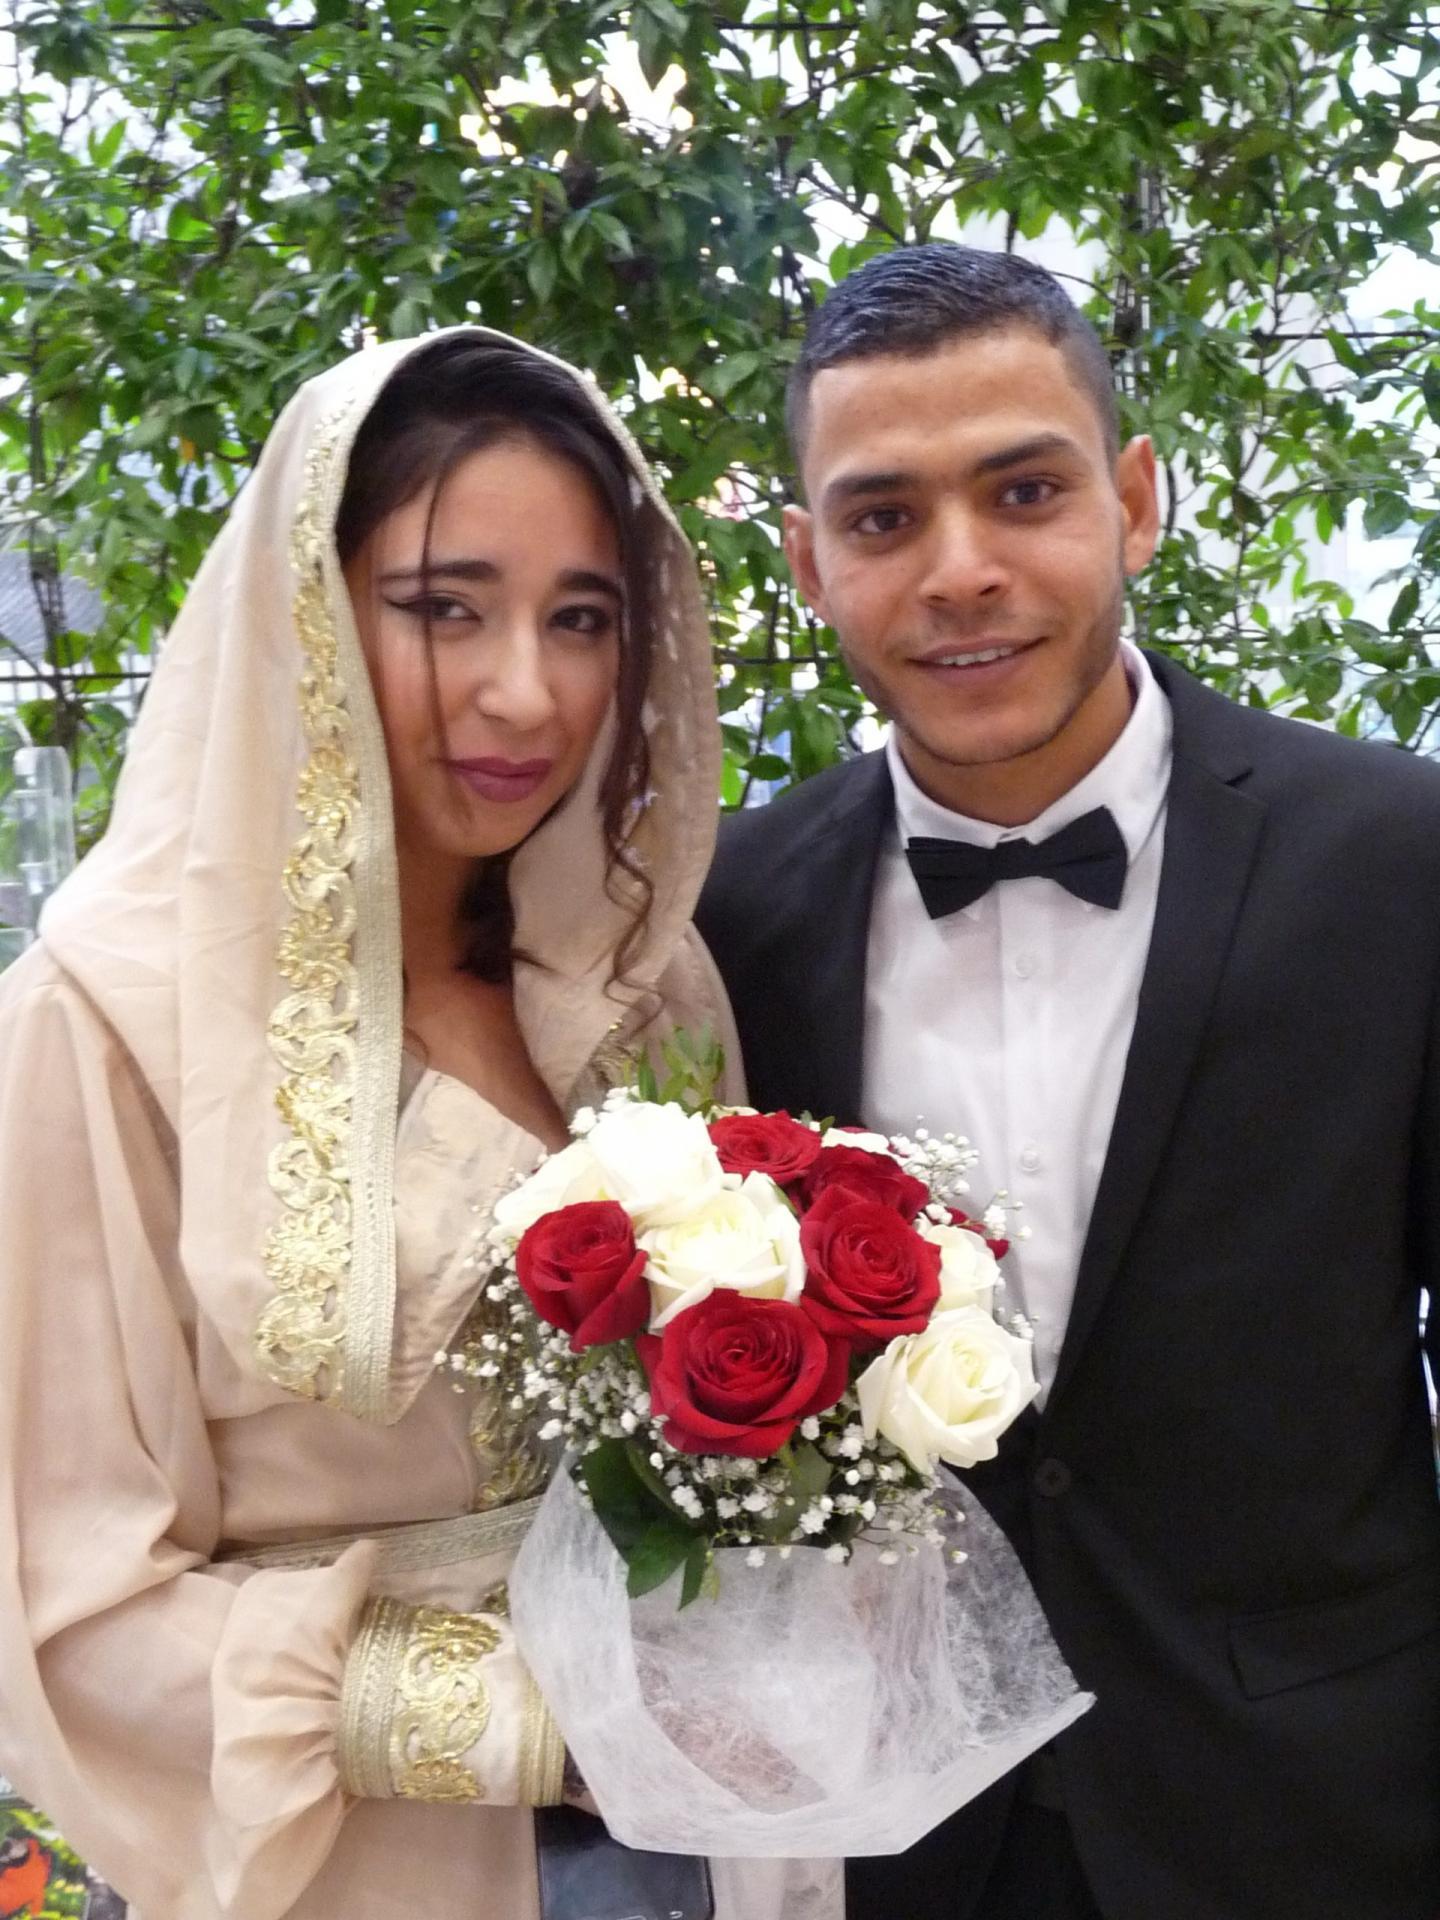 Kadija El Abed, agent de services civiques, et Yassine Choikha, peintre.